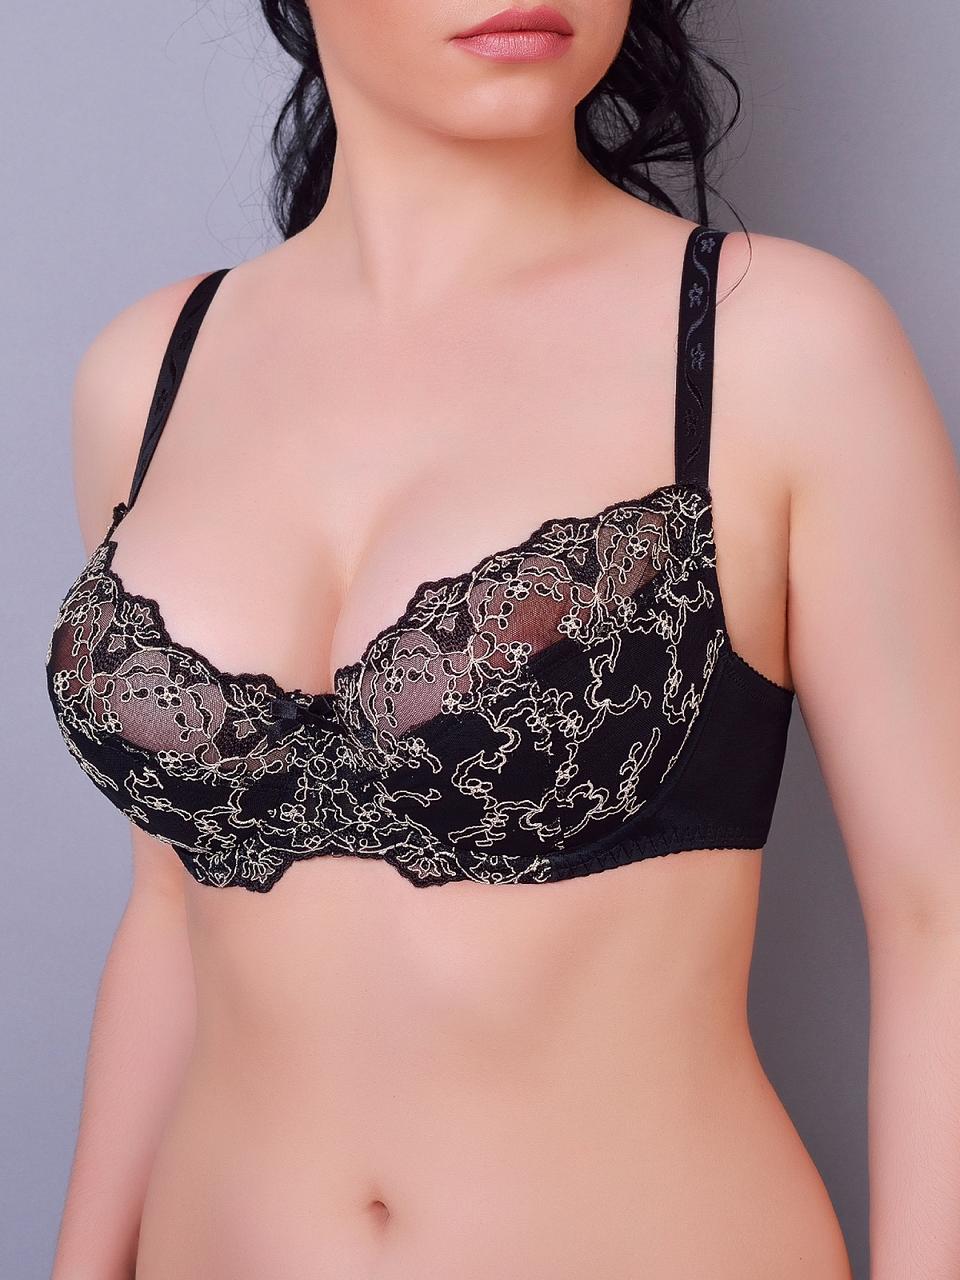 Бюстгальтер Diorella 61198D, цвет Черно-Коричневый, размер 75D